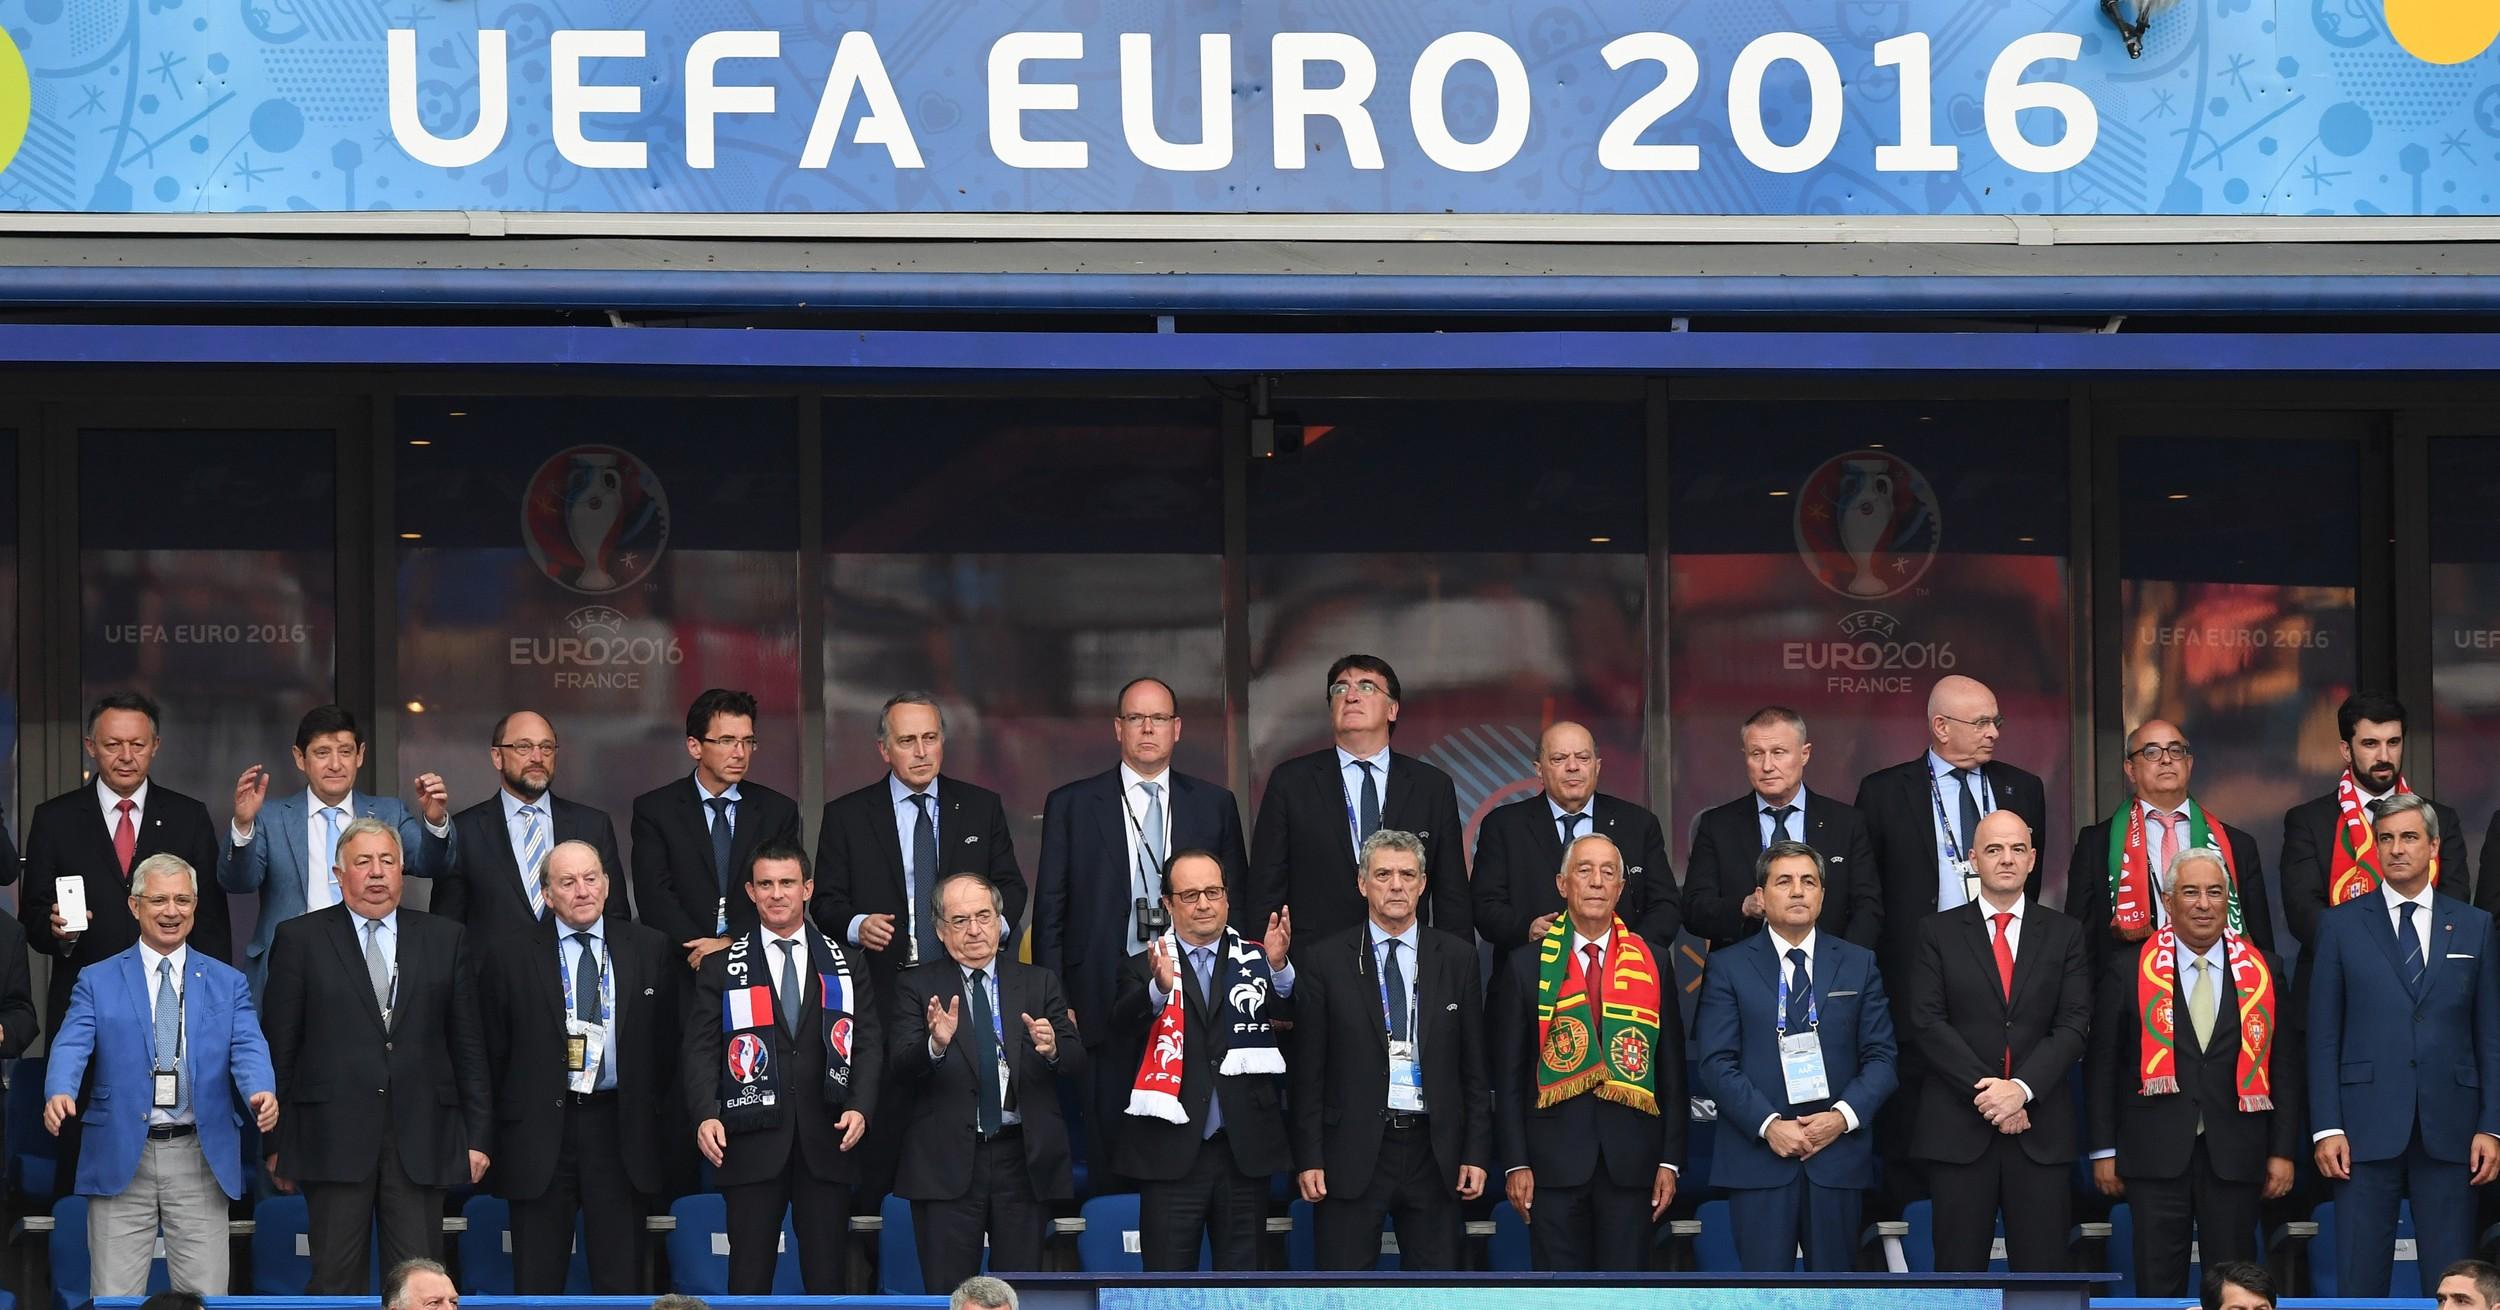 Hele fodboldtoppen til EM-finale i Paris med de politiske ledere fra finalelandene. Foto: Getty Images/Anadolu Agency